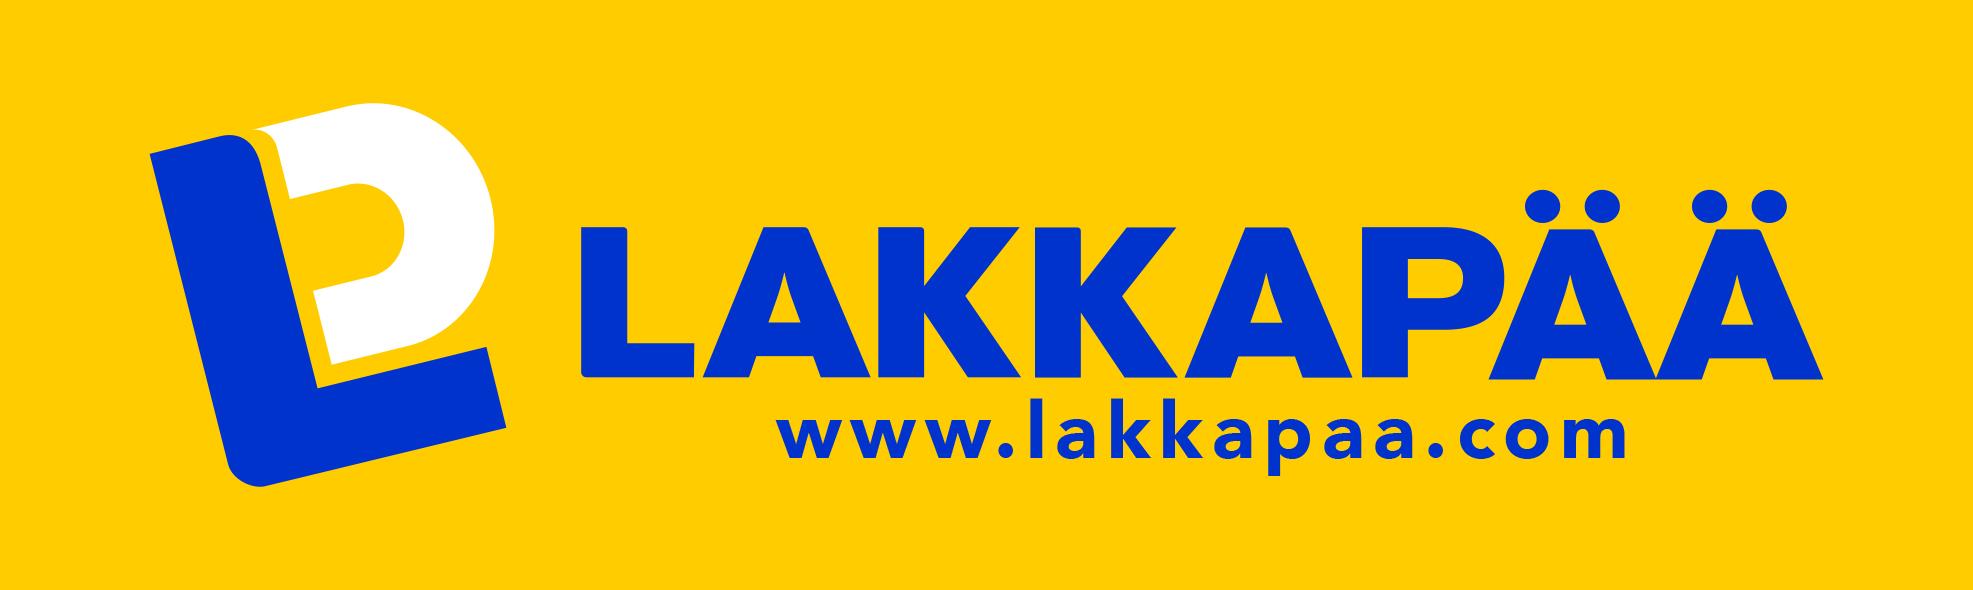 Lakkapää logo sinikelta nettitxt FIN kelt pohja.jpg